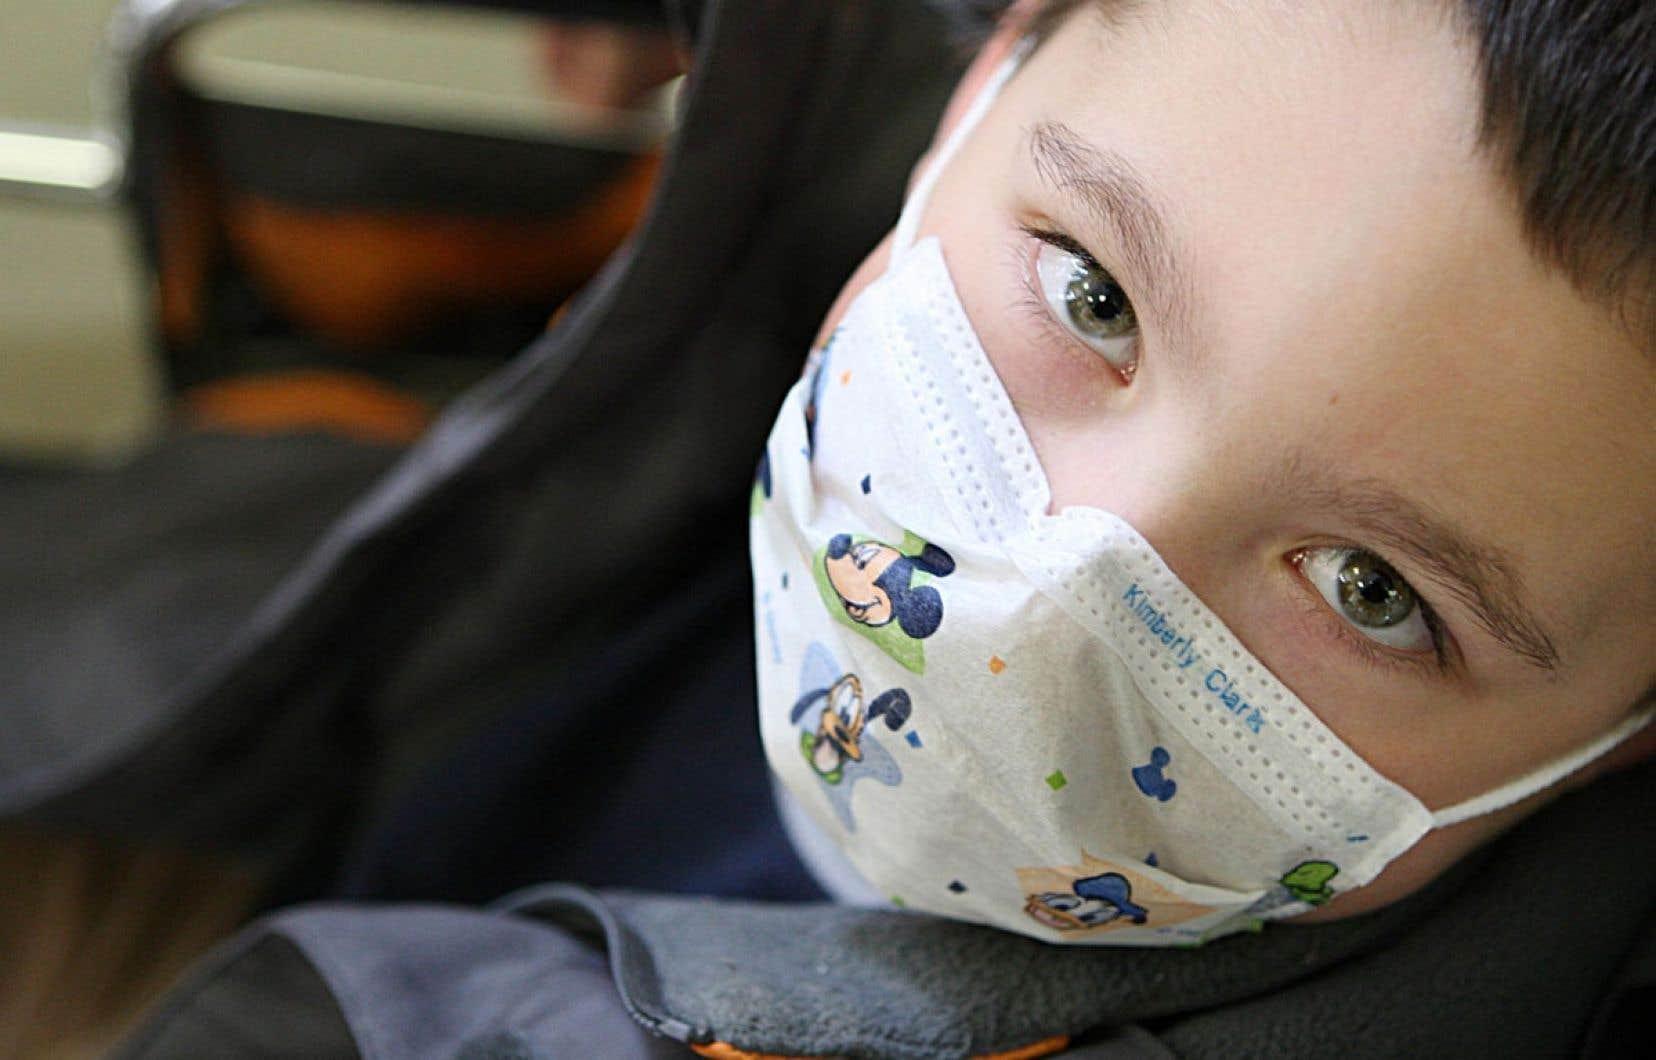 Les organismes de santé publique disposent encore de trop peu de données sur l'influence des changements climatiques sur les maladies infectieuses.